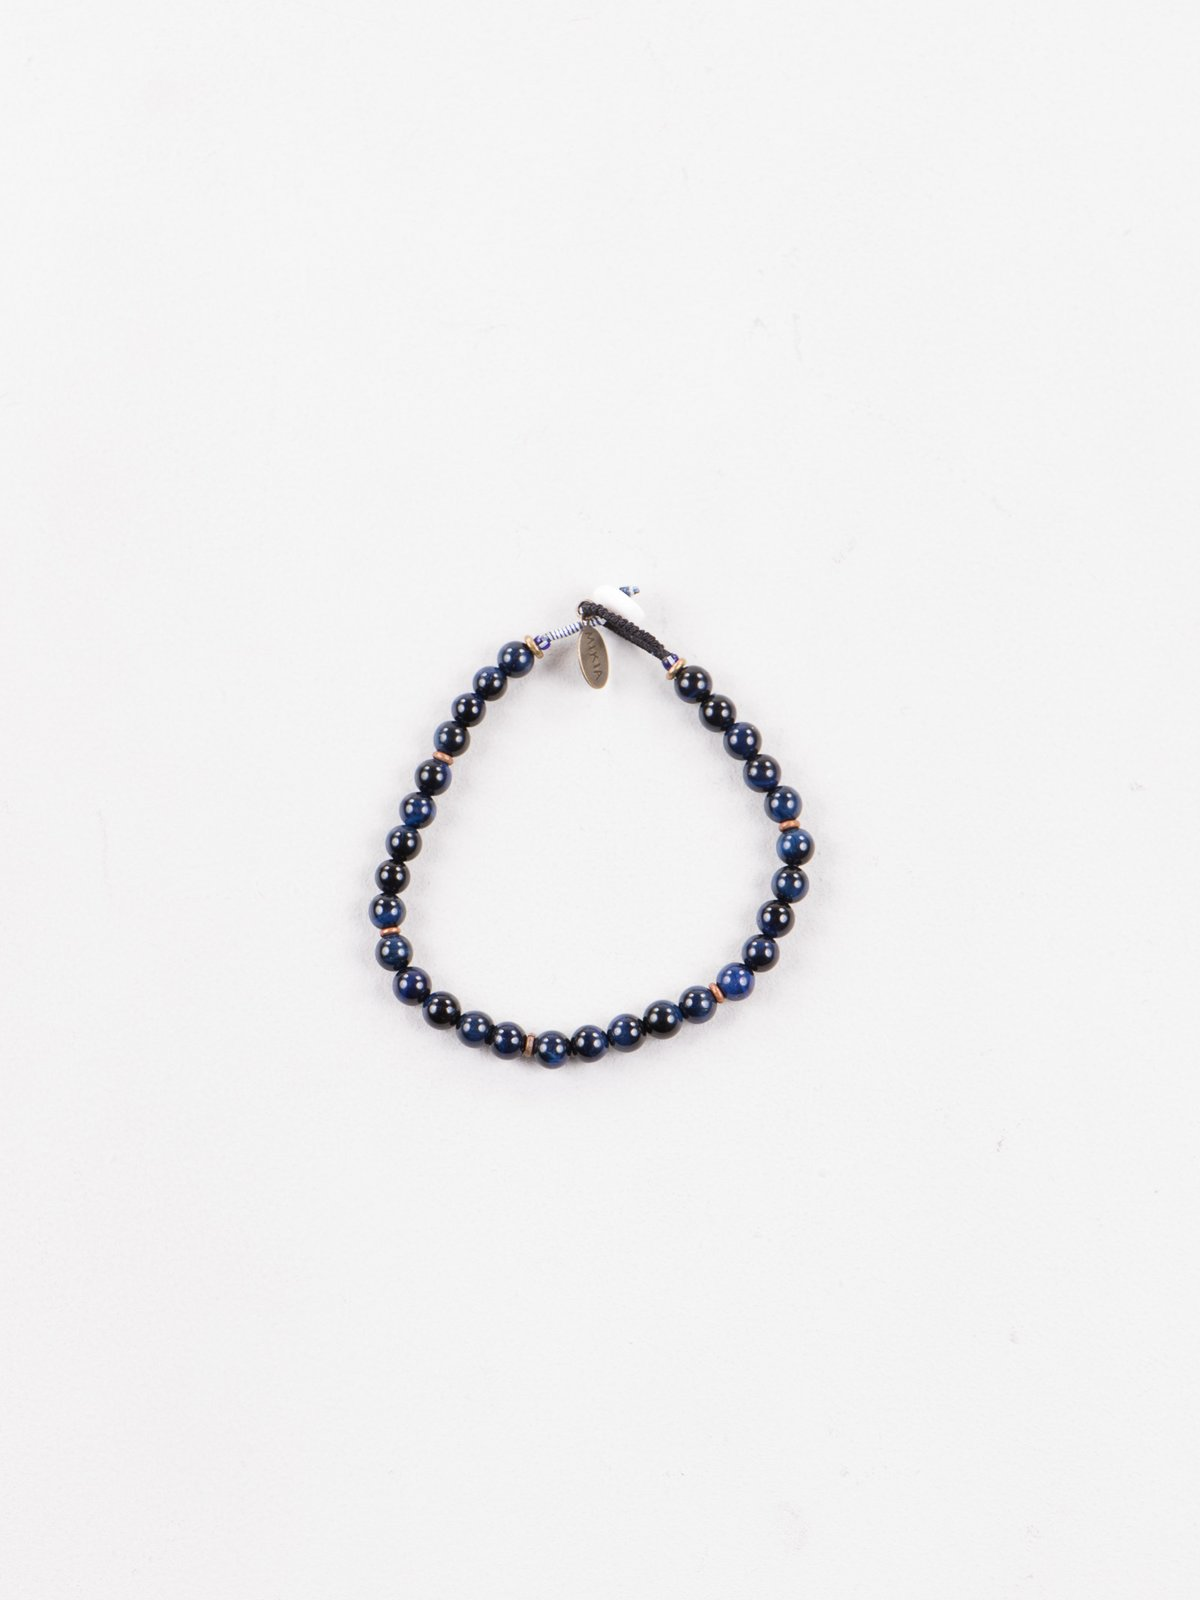 Blue Tiger's Eye 6mm Bracelet - Image 1